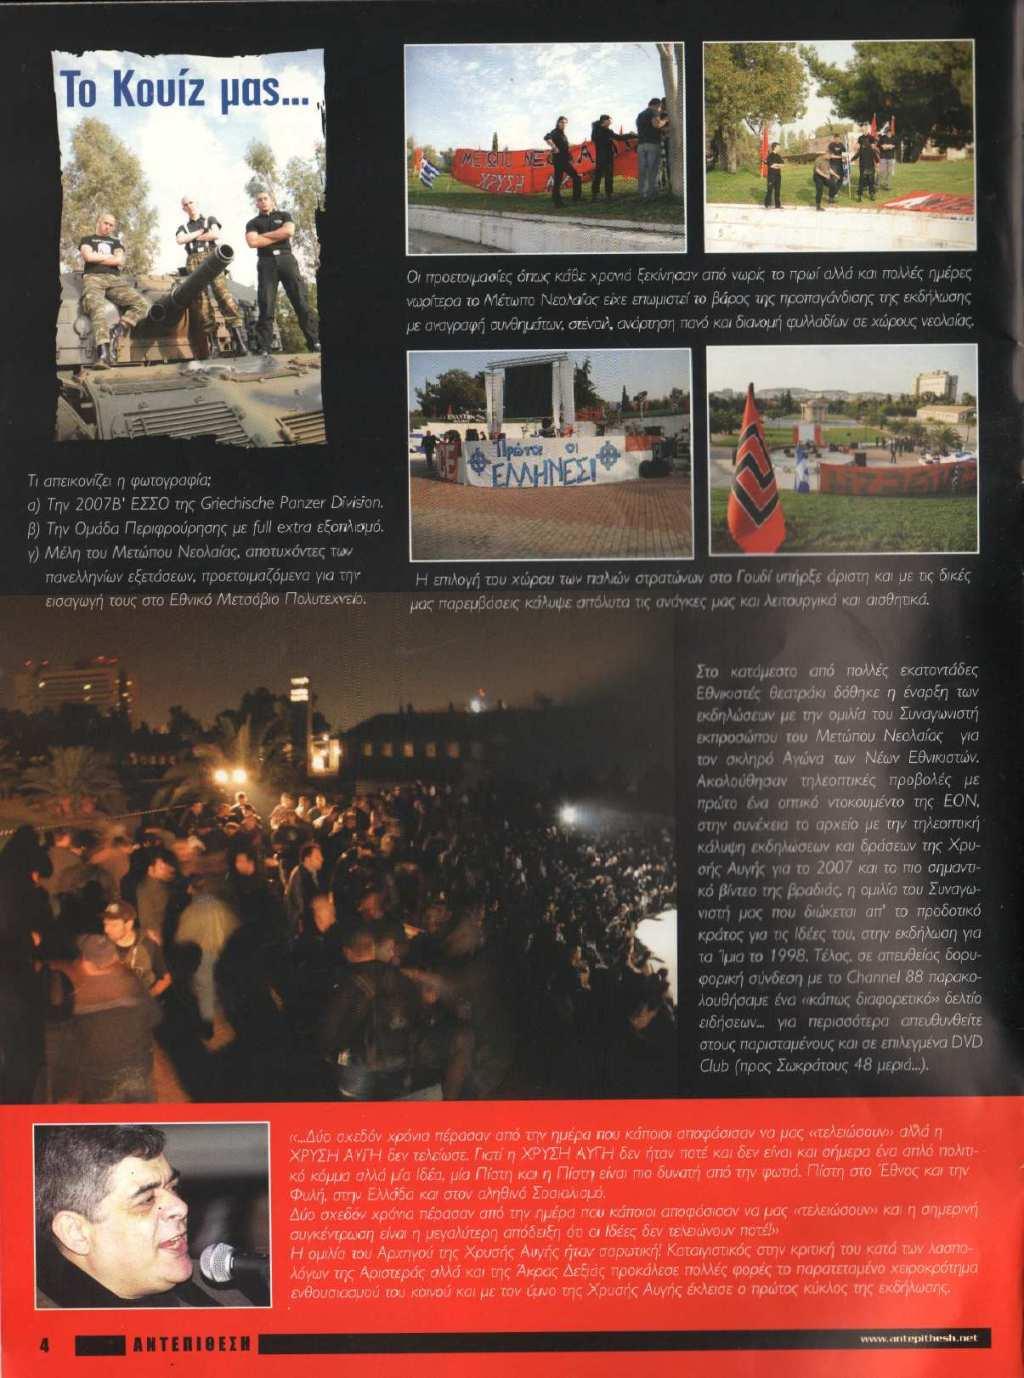 2008-05-ΜΑΪ-ΑΝΤΕΠΙΘΕΣΗ-ΤΧ#031-ΣΕΛ-04 - 7η Γιορτή Νεολαίας 2008 + Το κουίζ μας - ΑΝΤΕΠΙΘΕΣΗ, Α.Τ. 31, 05_06-2008, σελ. 04